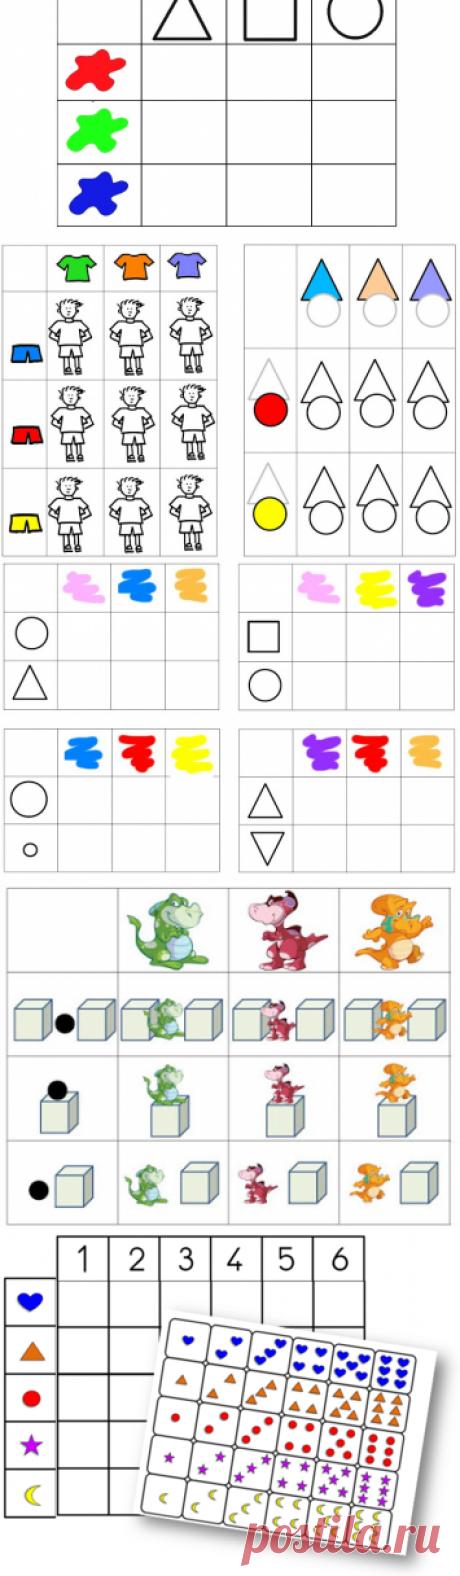 Почти 50 логических таблиц для детей от 2 до 6 лет, доступных для скачивания